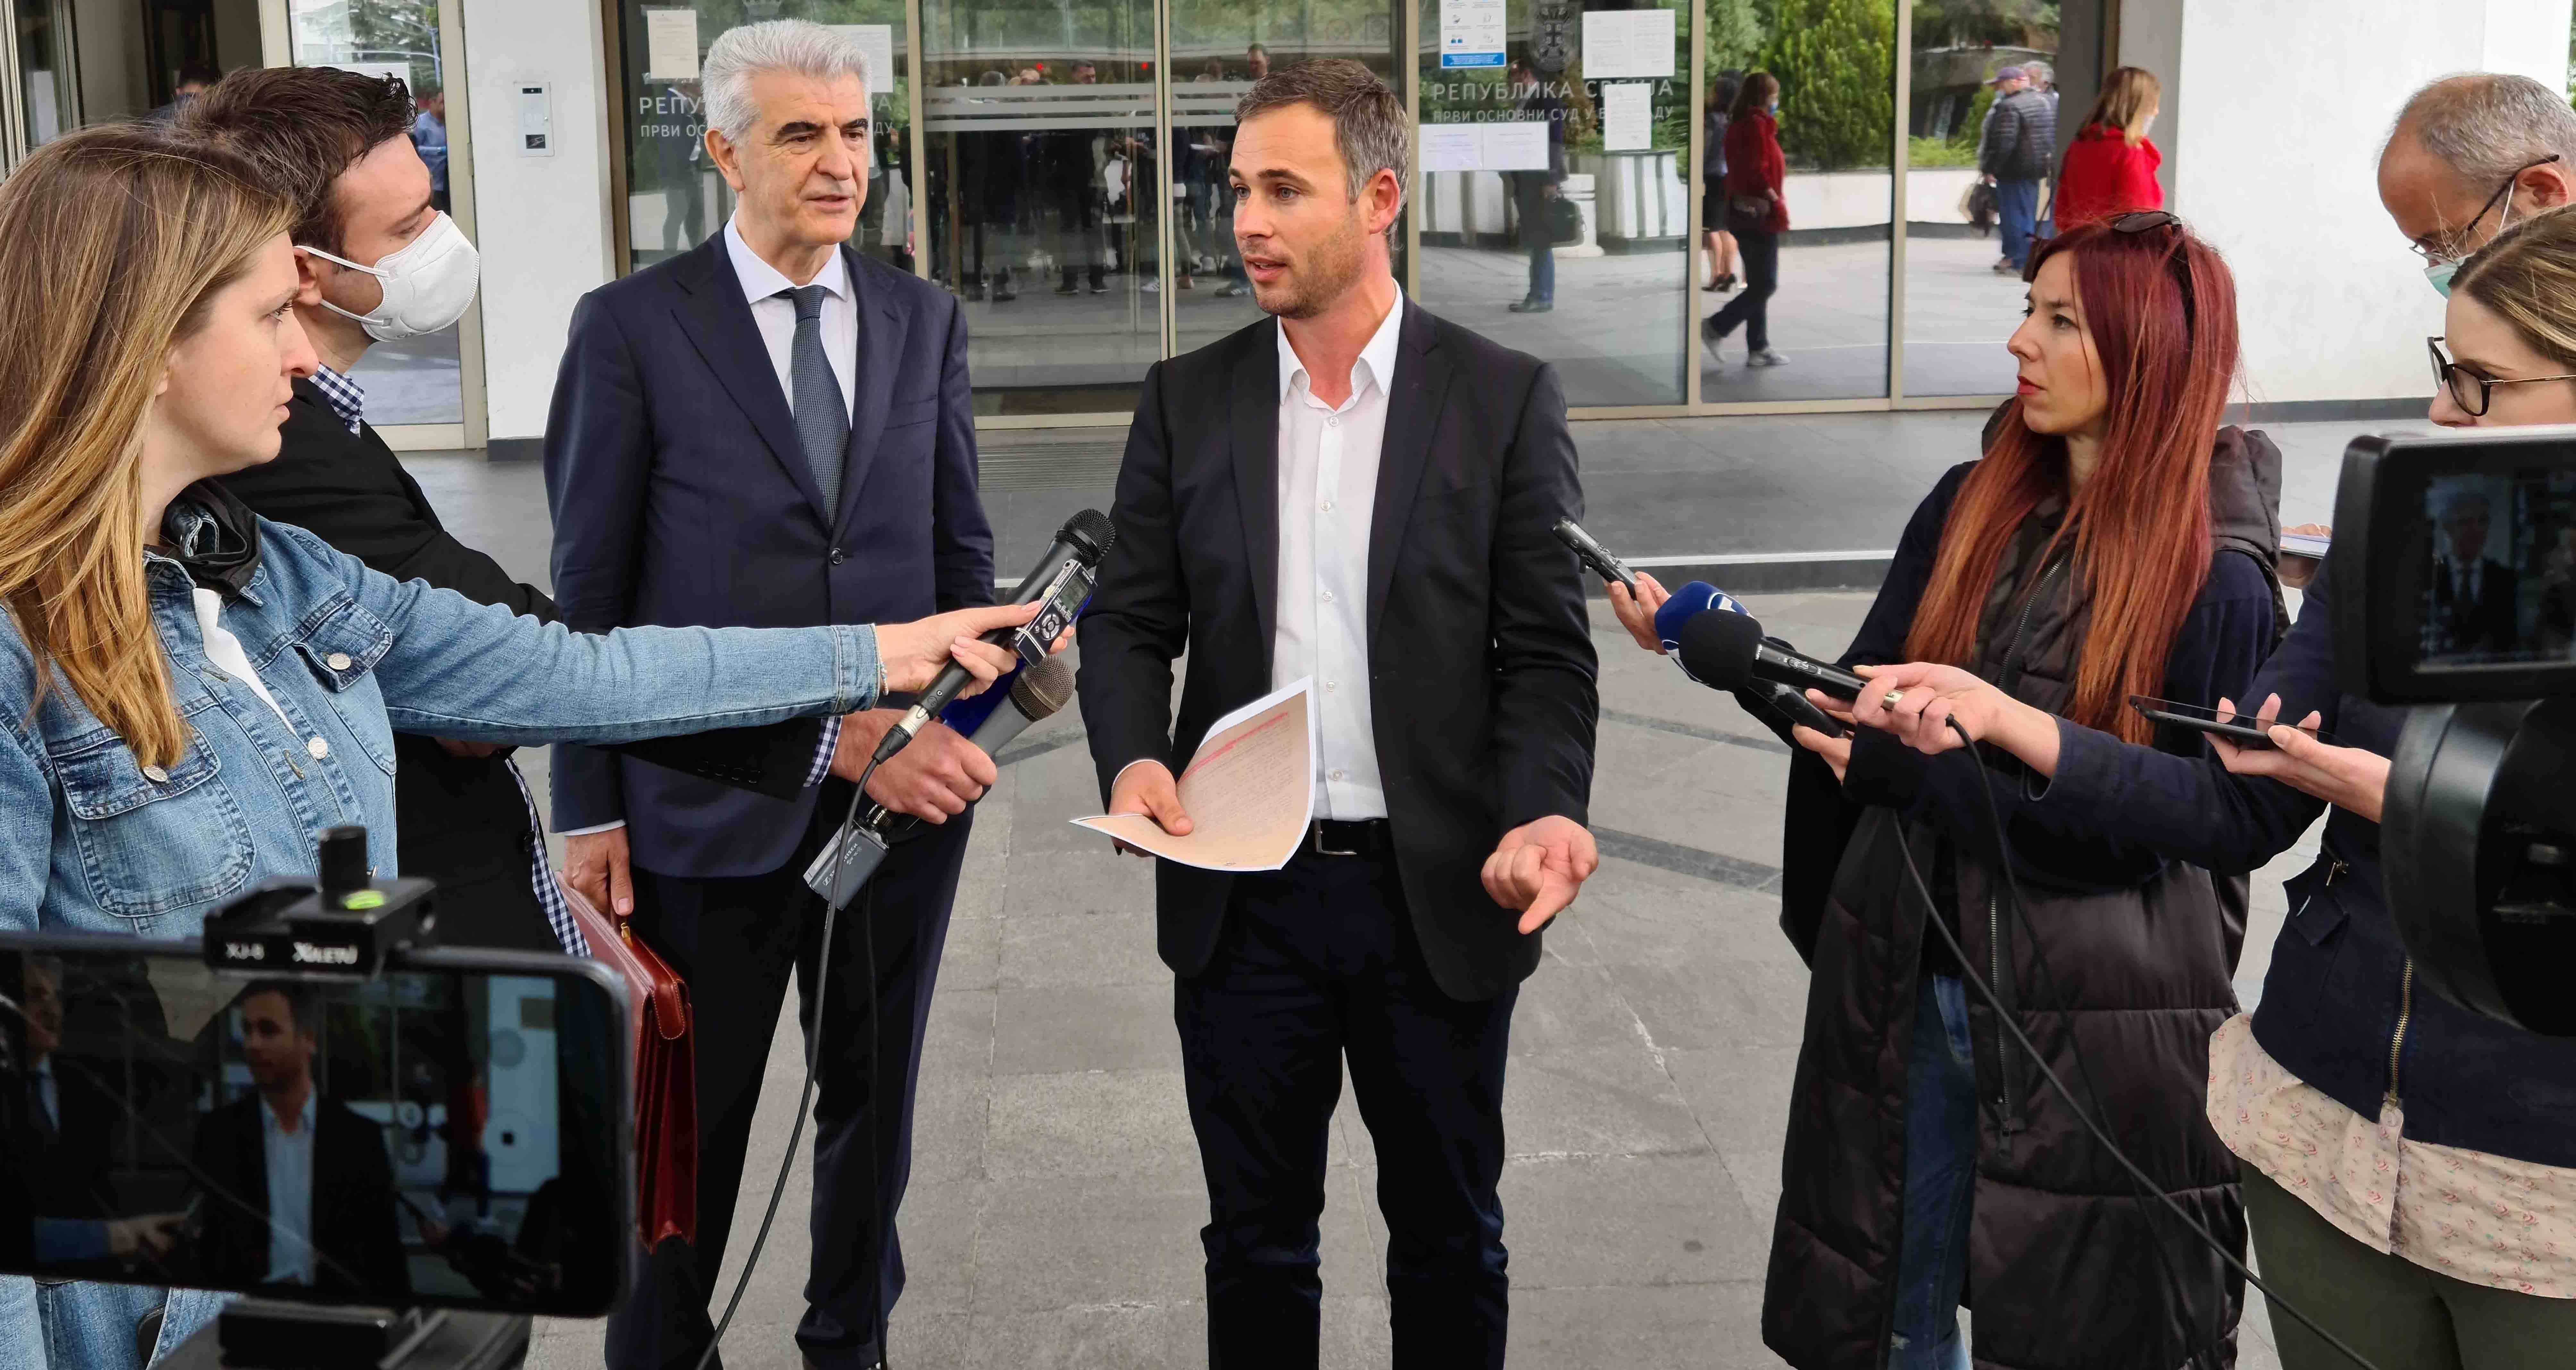 Алексић после суђења са Андрејем Вучићем: Тачно је све што сам рекао о Јовањици